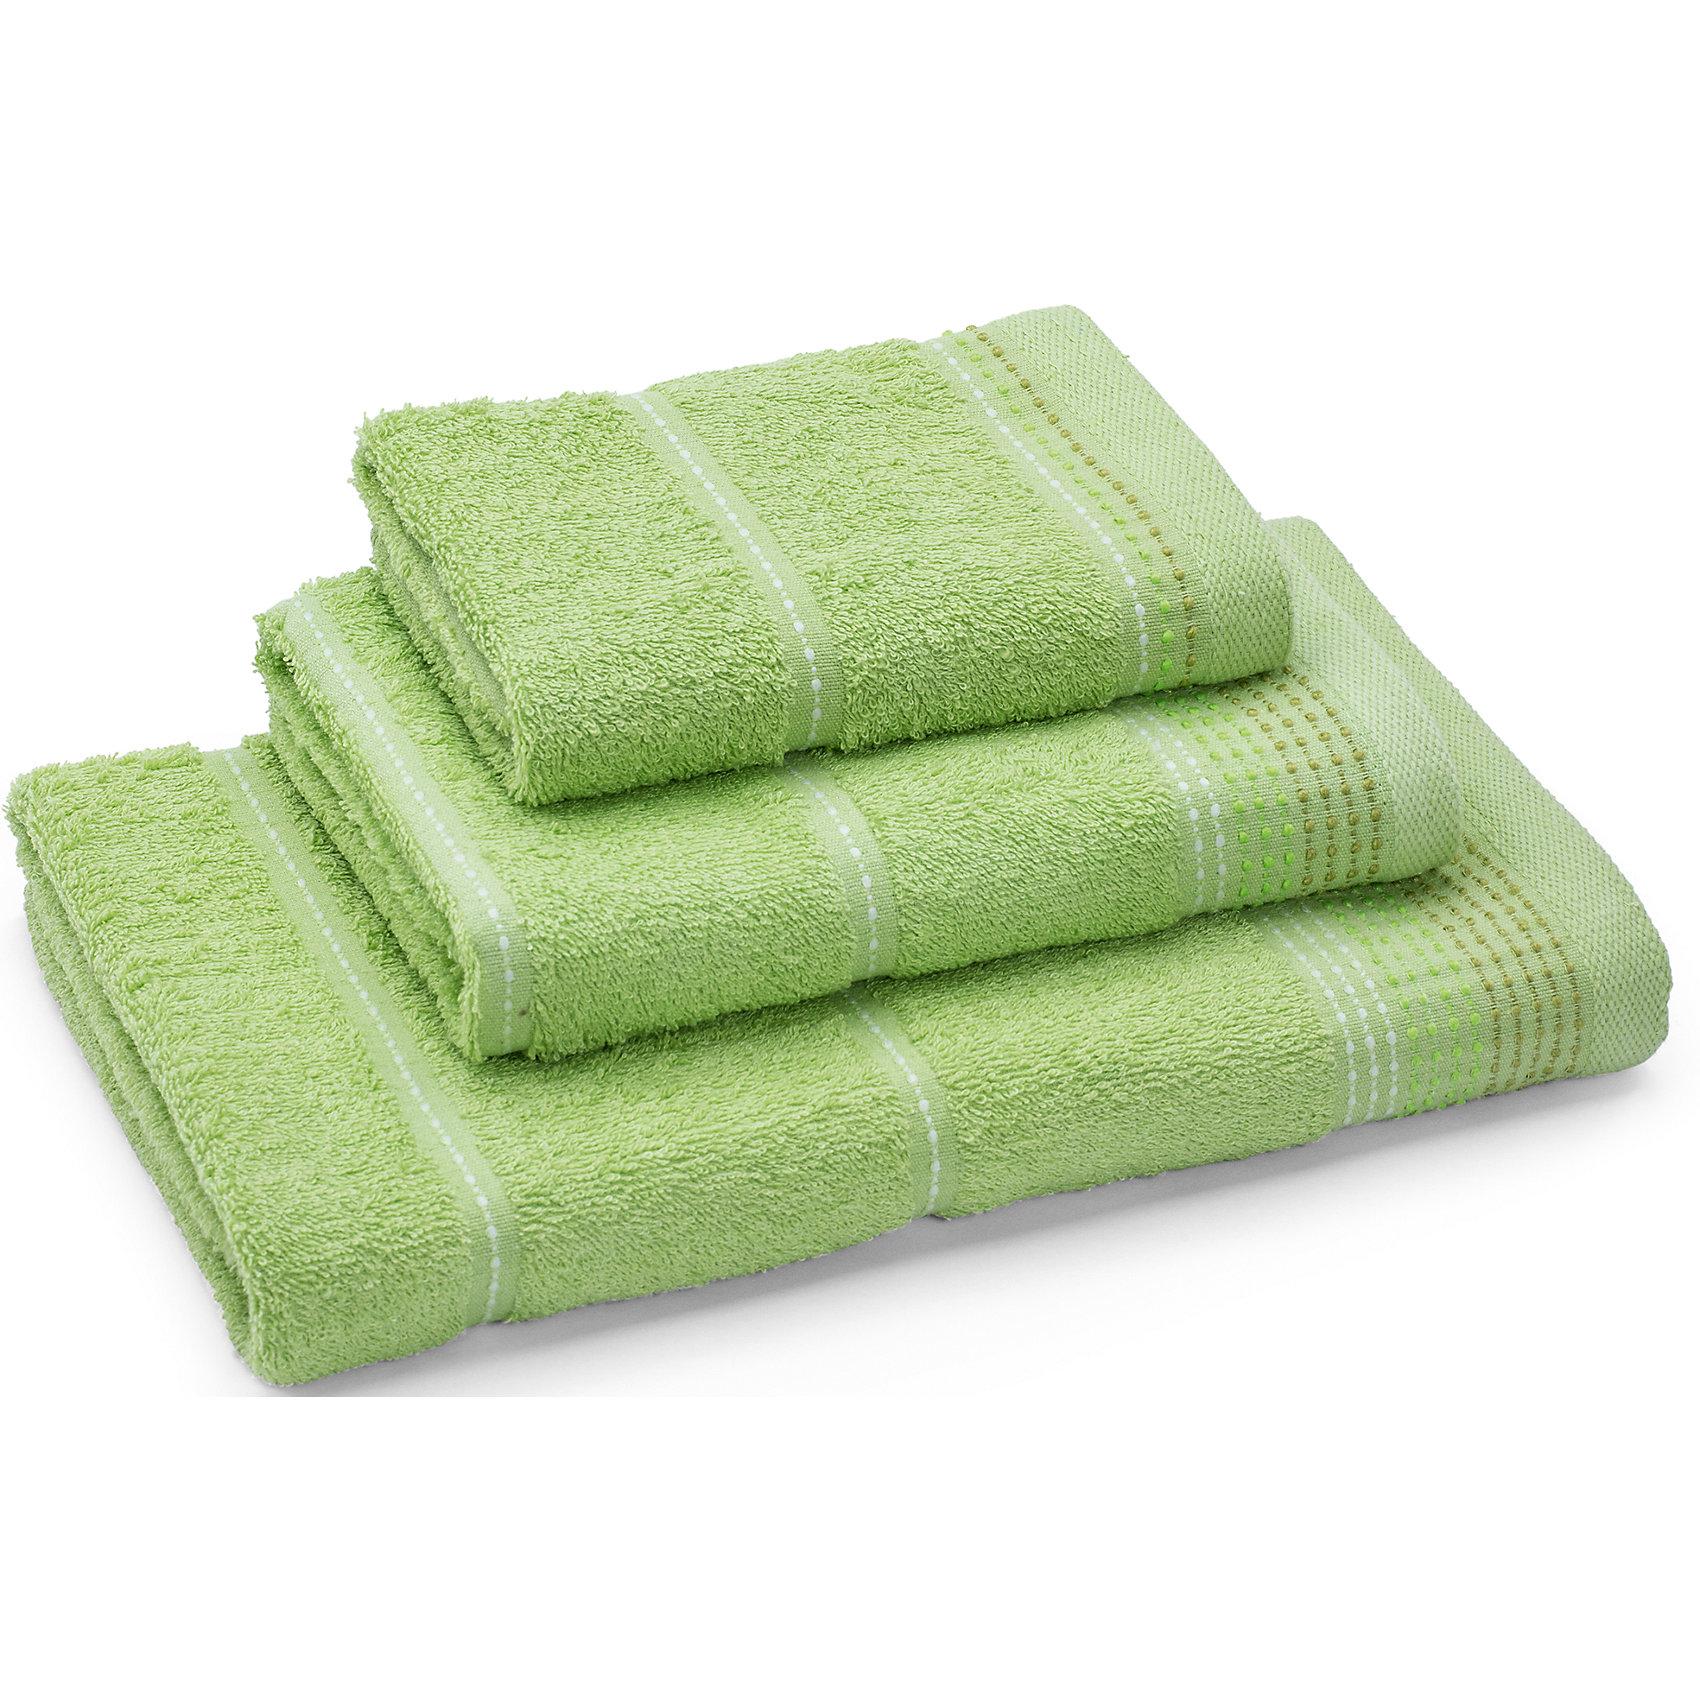 Полотенце махровое Клео 60*130, Любимый дом, зеленыйВанная комната<br>Махровое полотенце Клео очень мягкое и приятное телу. Оно изготовлено из качественного хлопка, отлично впитывает влагу. Полотенце украшено контрастной вышивкой по краю. Отлично впишется в вашу ванную комнату.<br><br>Дополнительная информация:<br>Материал: 100% хлопок<br>Цвет: зеленый<br>Размер: 60х130 см<br>Торговая марка: Любимый дом<br><br>Вы можете приобрести махровое полотенце Клео в нашем интернет-магазине.<br><br>Ширина мм: 500<br>Глубина мм: 500<br>Высота мм: 200<br>Вес г: 300<br>Возраст от месяцев: 0<br>Возраст до месяцев: 144<br>Пол: Унисекс<br>Возраст: Детский<br>SKU: 5010969